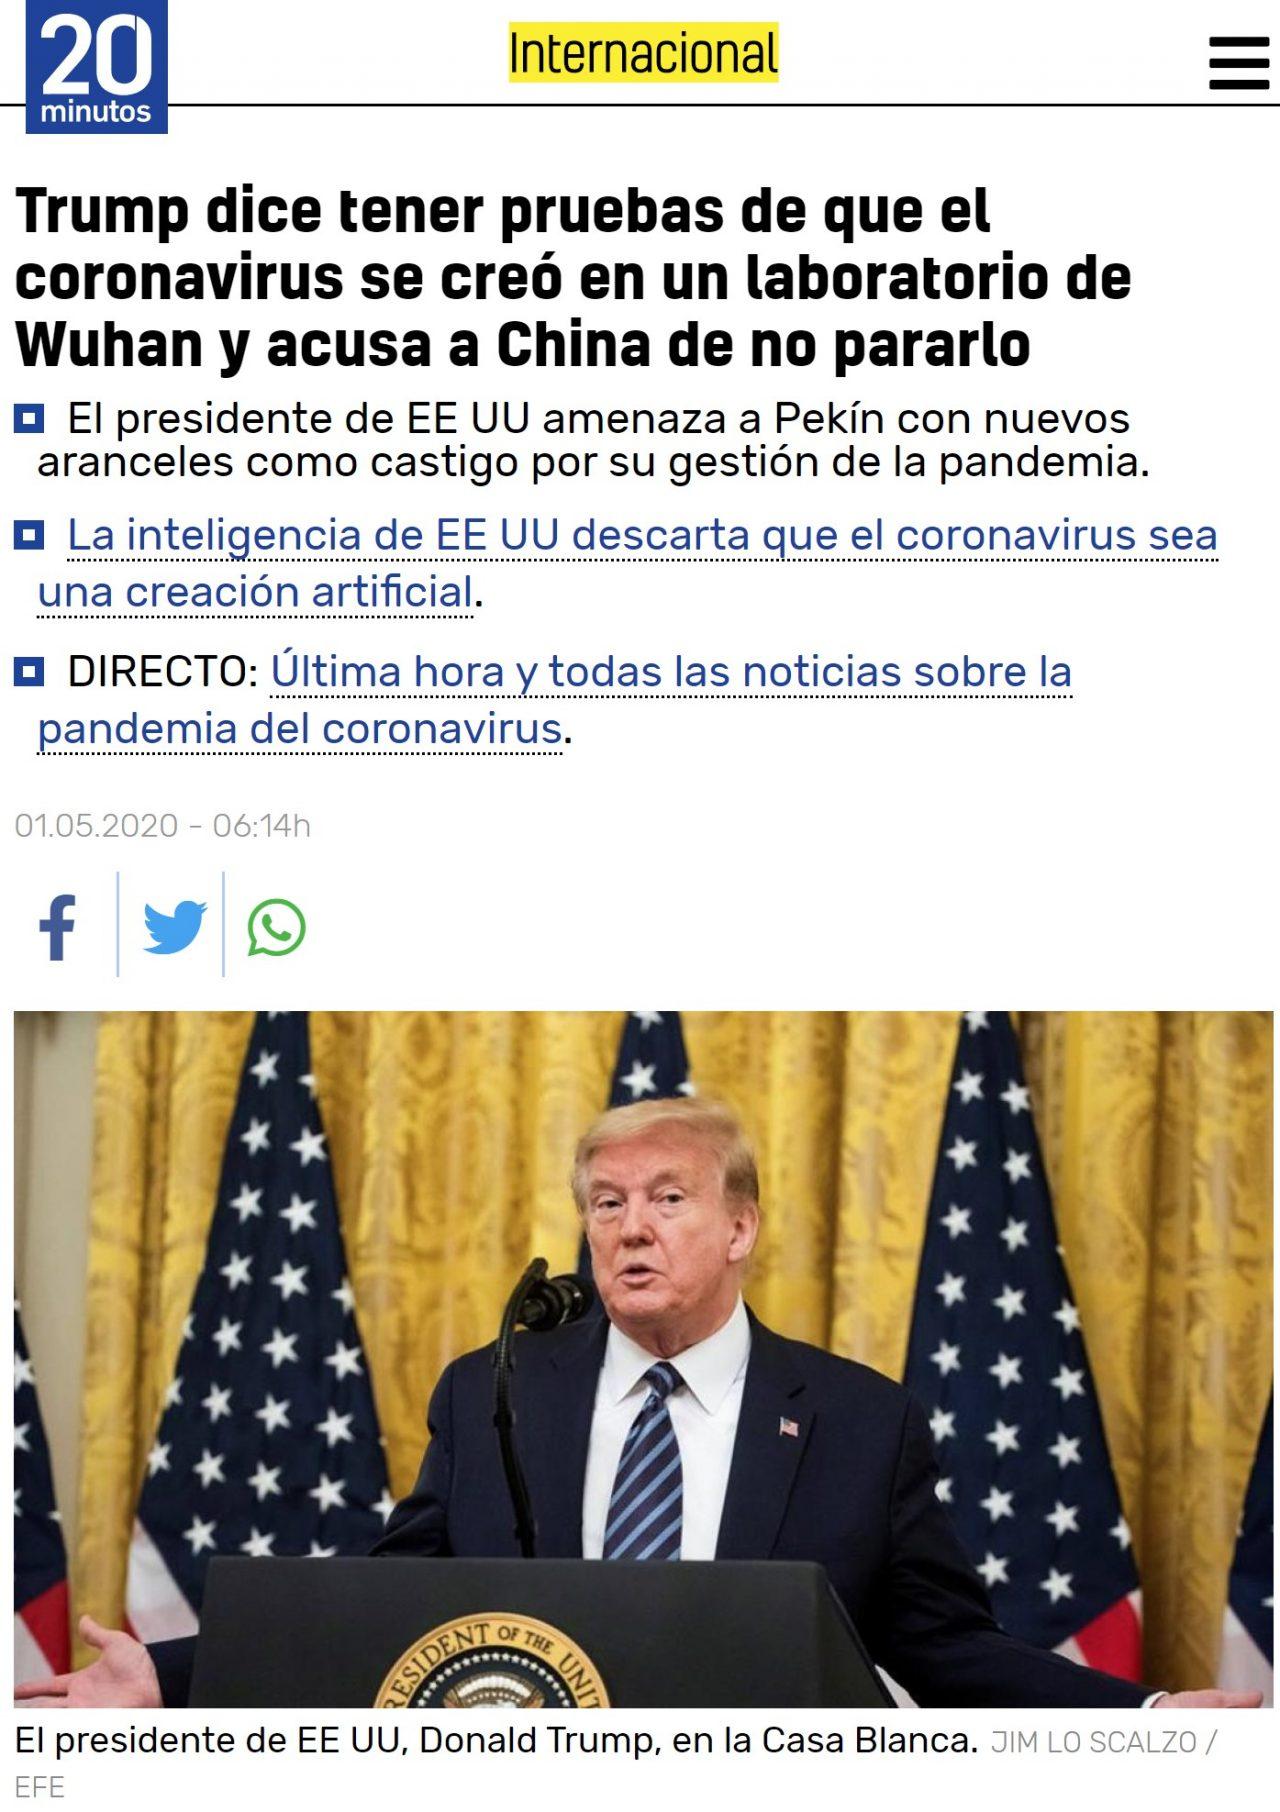 Trump dice que el virus lo creó China en un laboratorio, y que tiene pruebas de ello